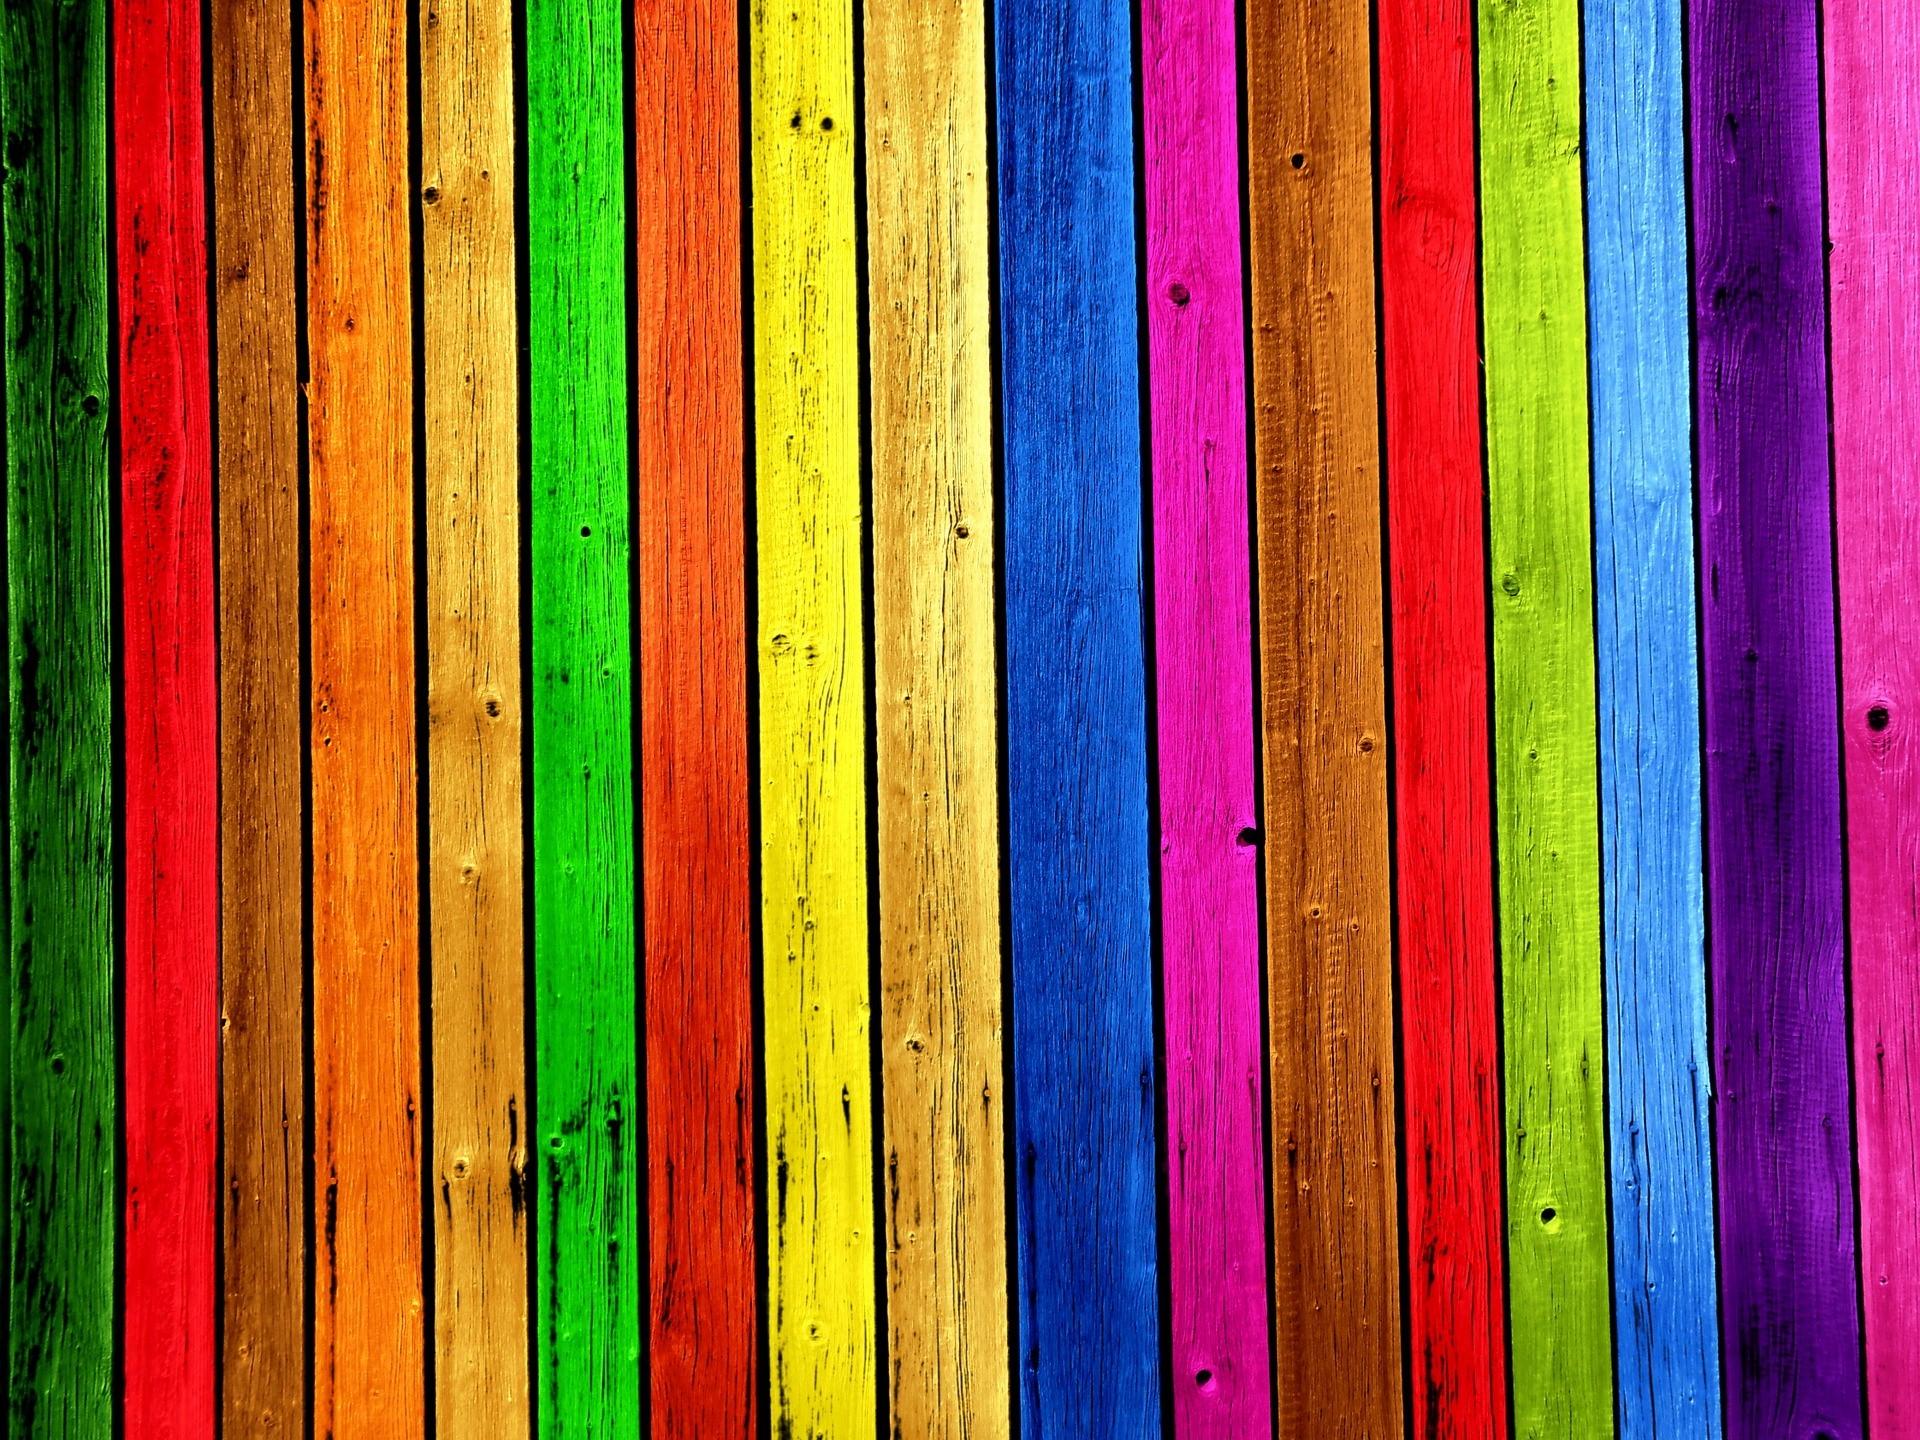 картинка разноцветных досок что